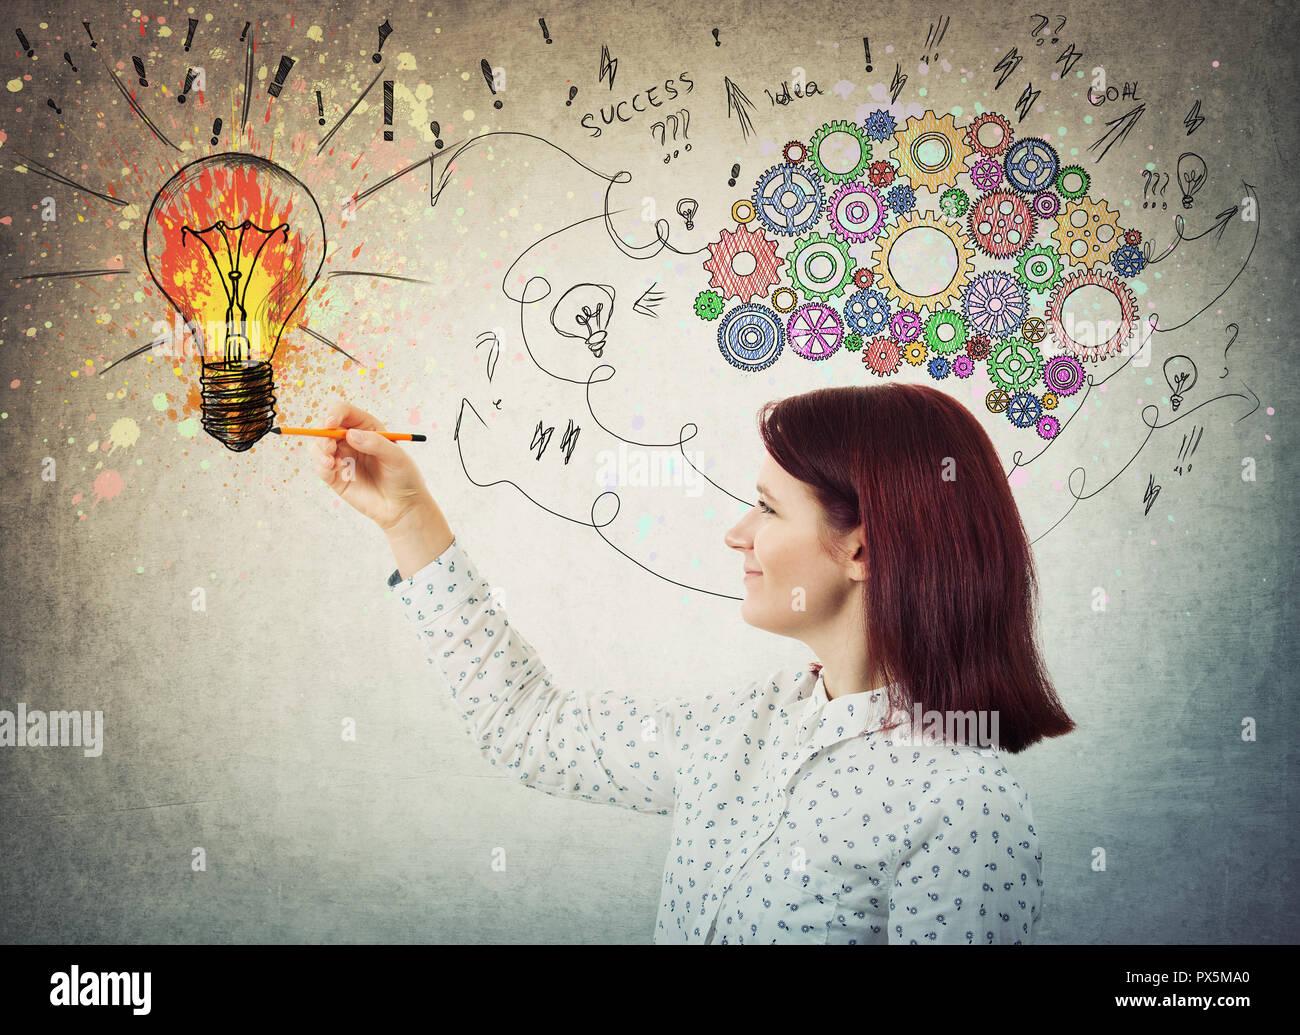 Jeune femme avec des engins colorés au-dessus de la tête du cerveau, les émotions positives, le dessin d'une idée à l'aide d'une flèche et de courbes d'aller dans un splash de couleur d'une ampoule. Conc Photo Stock